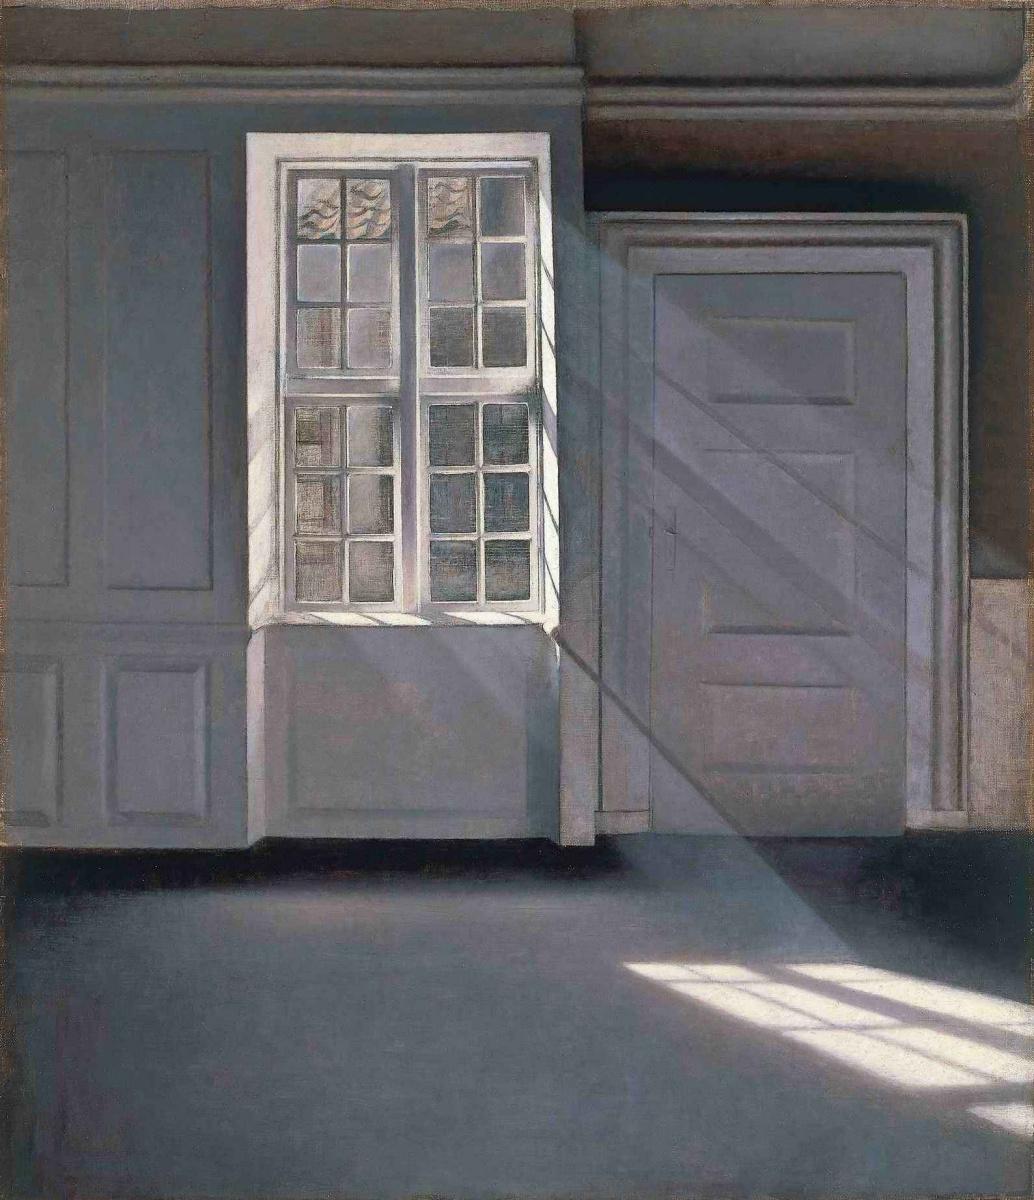 Vilhelm Hammershøi. Dust Motes Dancing in the Sunbeams